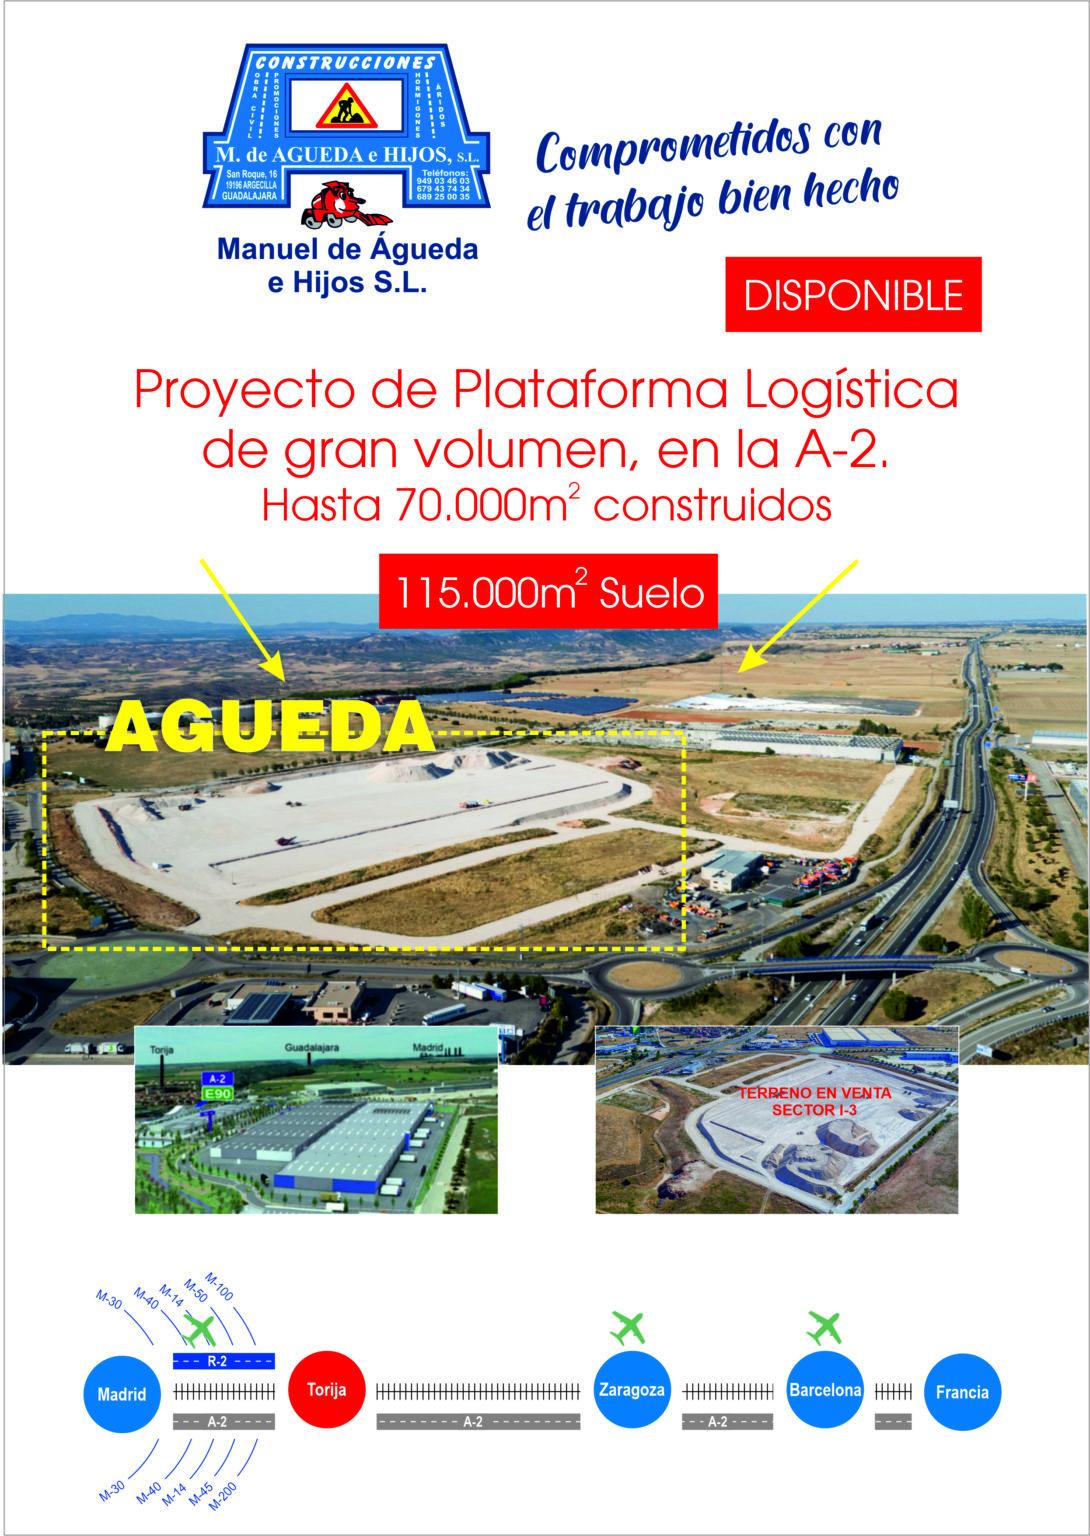 aagueda-dossier-comercial-I3-4-1